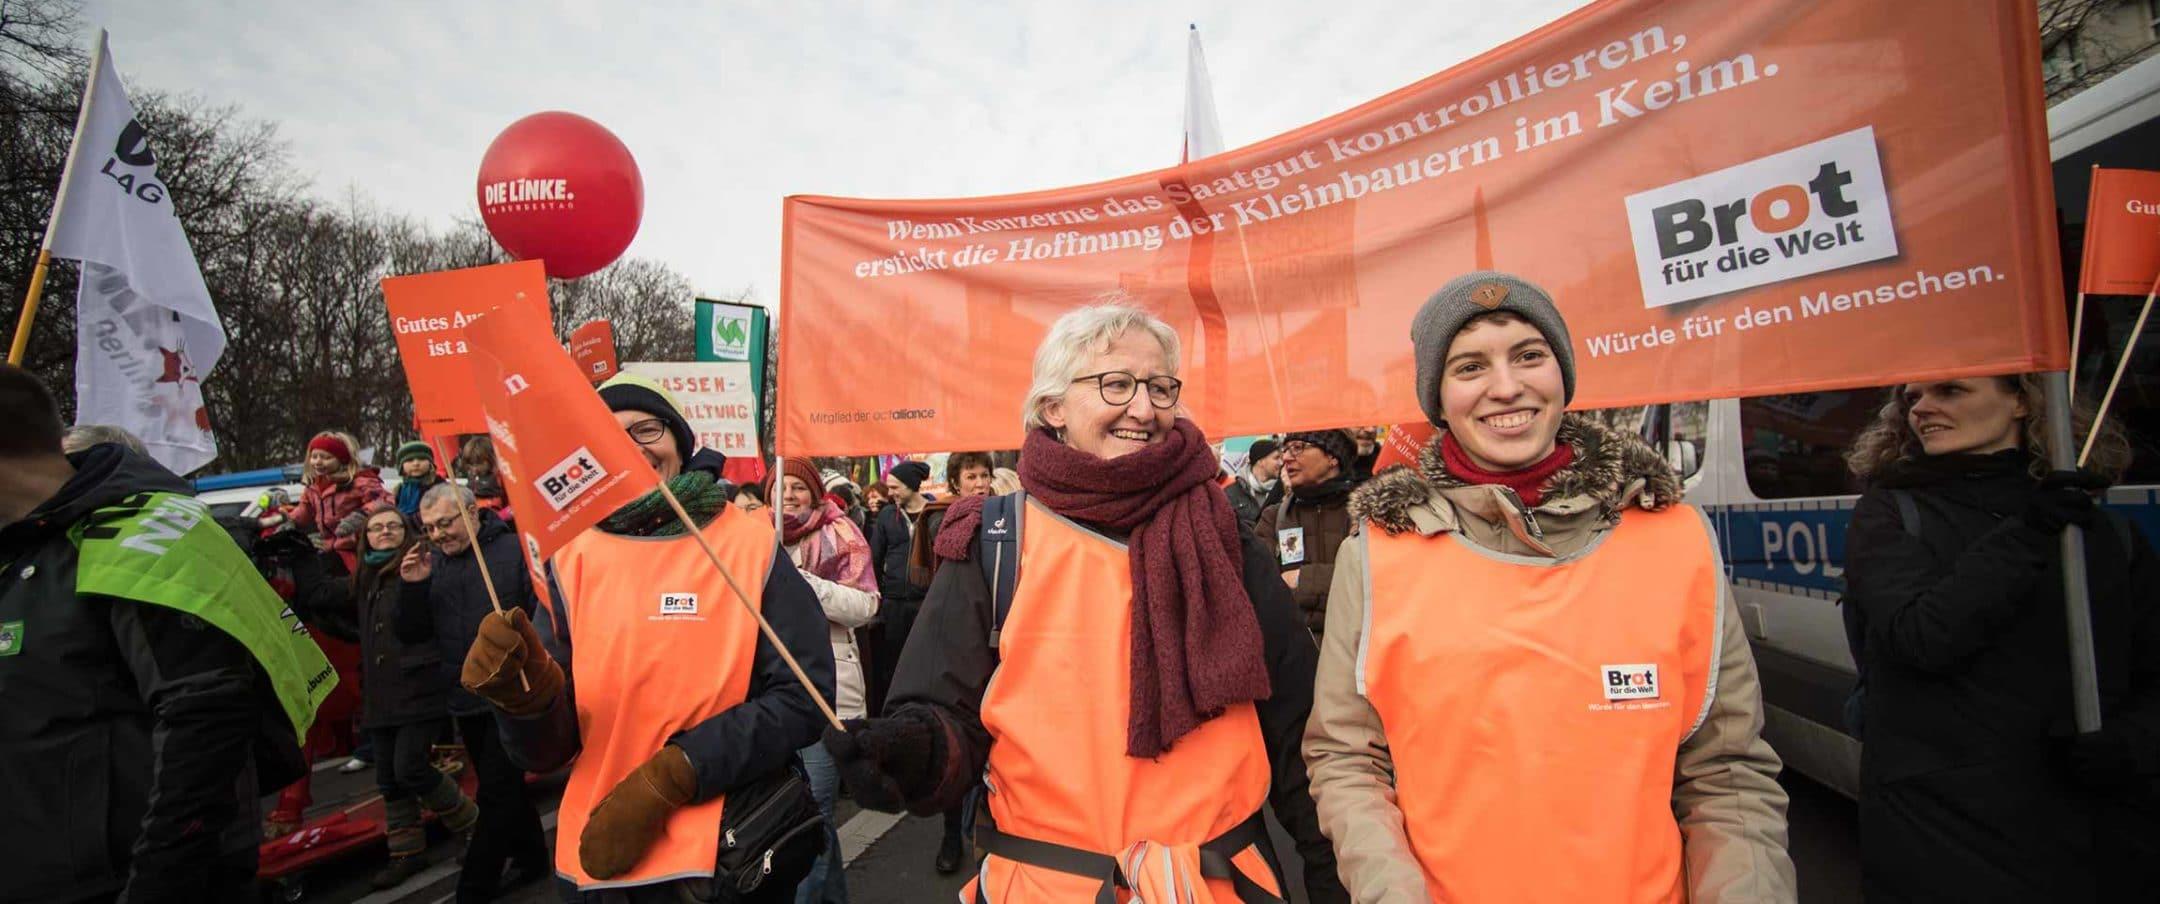 Brot für die Welt: Aktionismus